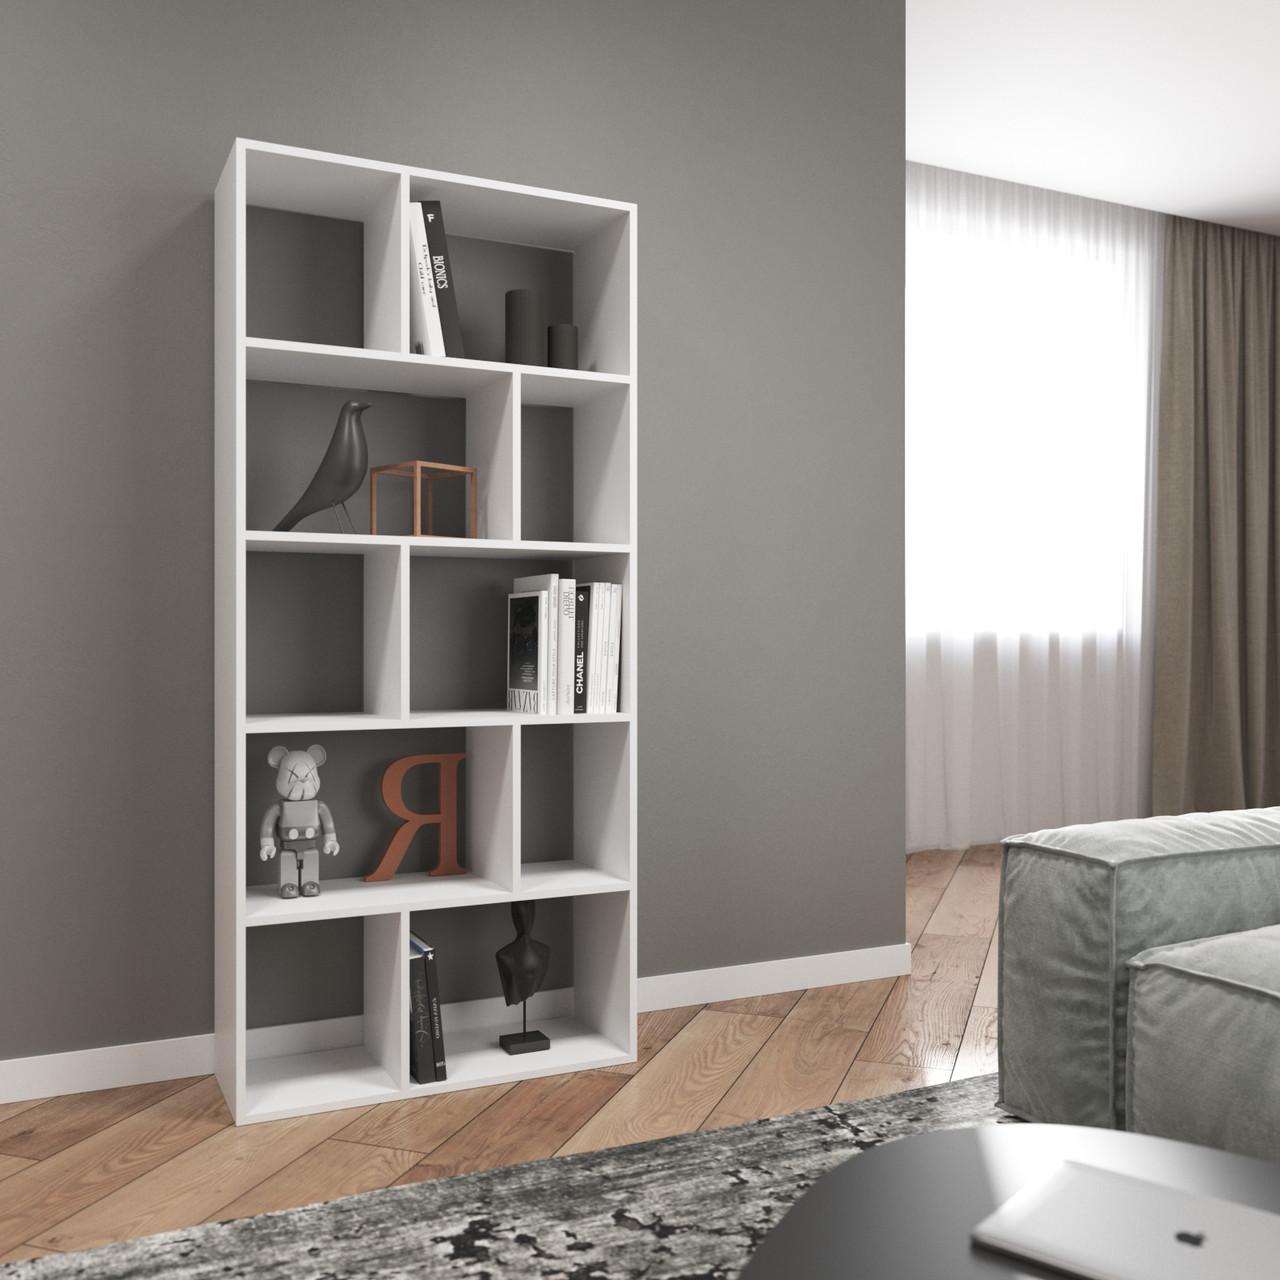 Книжная полка, стеллаж для книг и декора, этажерка для игрушек на 10 ячеек D-1